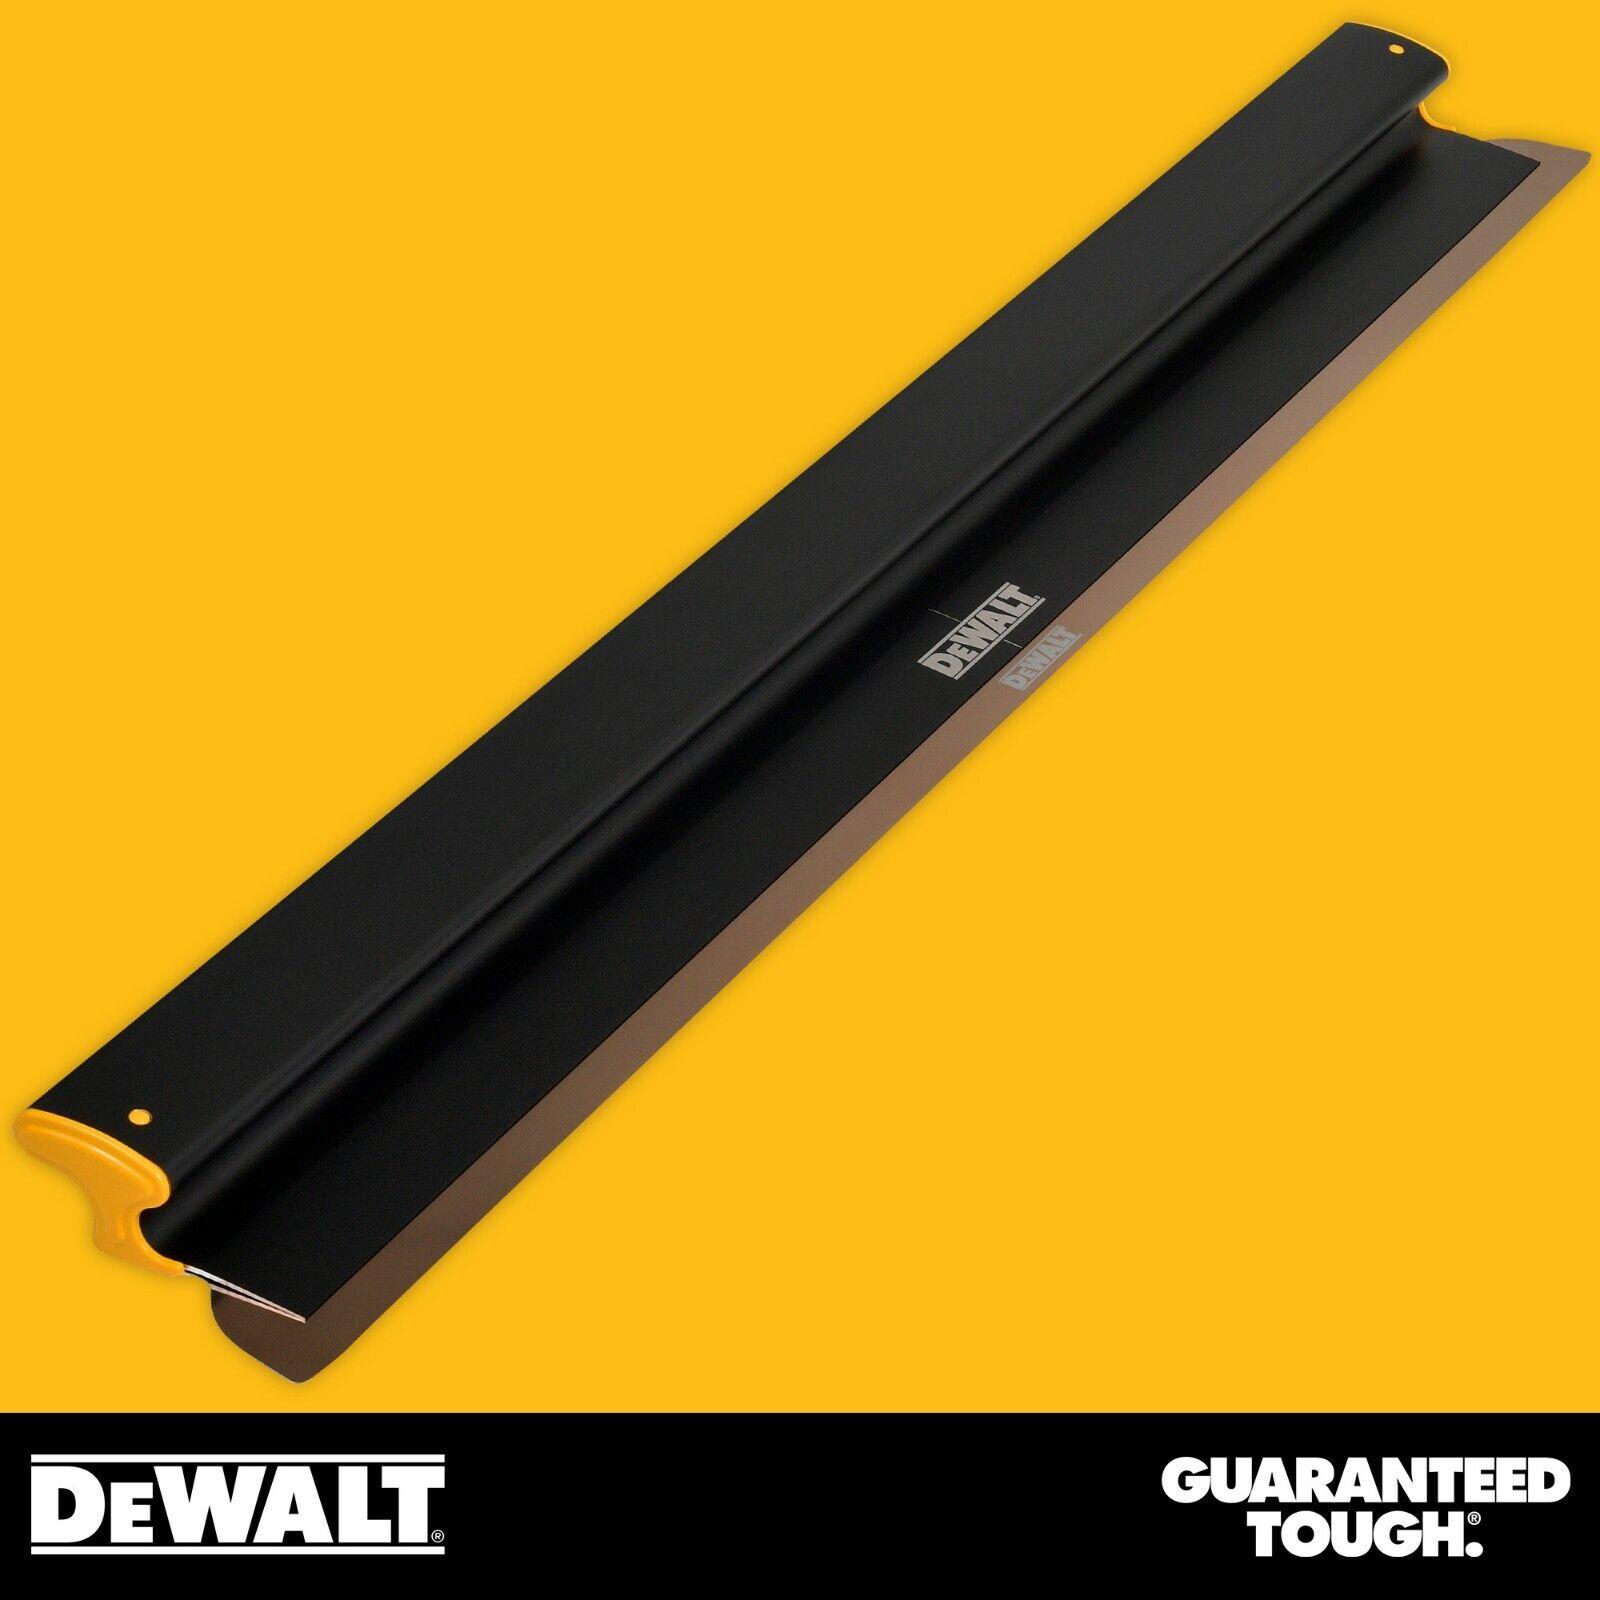 DEWALT Drywall Skimming Blade 48  Finishing Tool Stainless Steel Paint Scraper